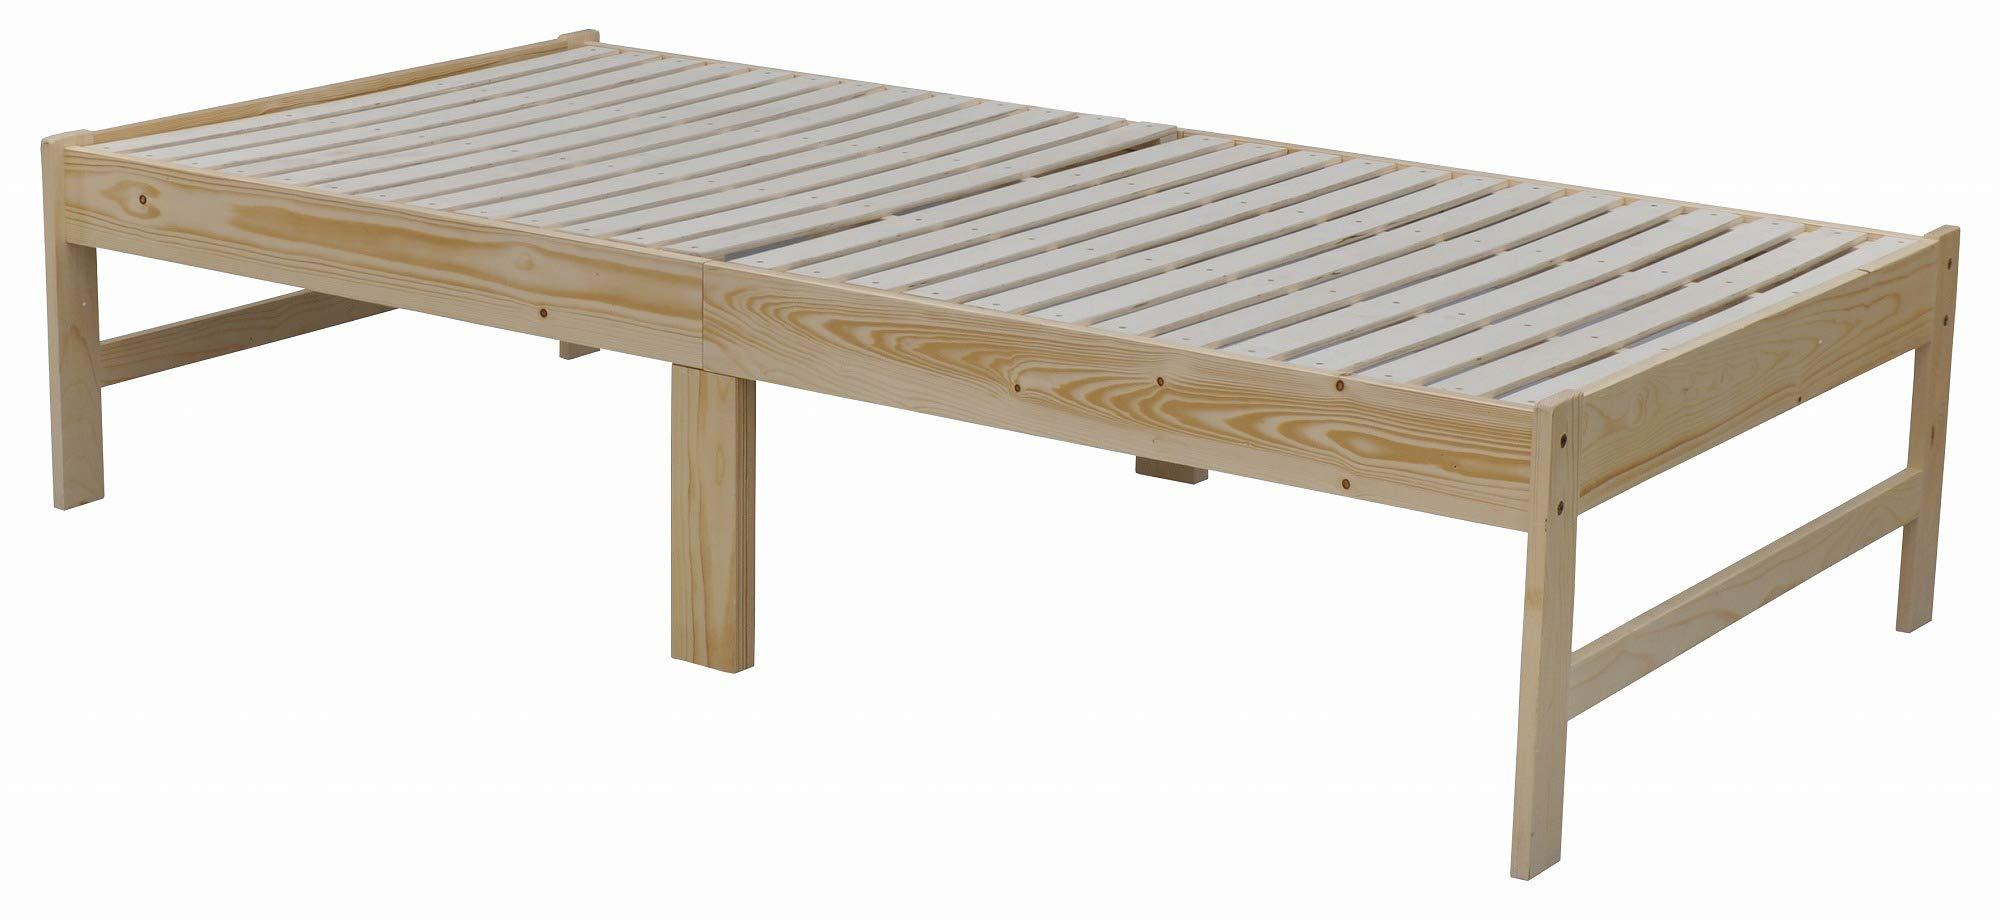 エイ・アイ・エス (AIS) ベッドフレーム ナチュラル 200x102x46cm 布団も使える木製ベッド SKBD-001 NA